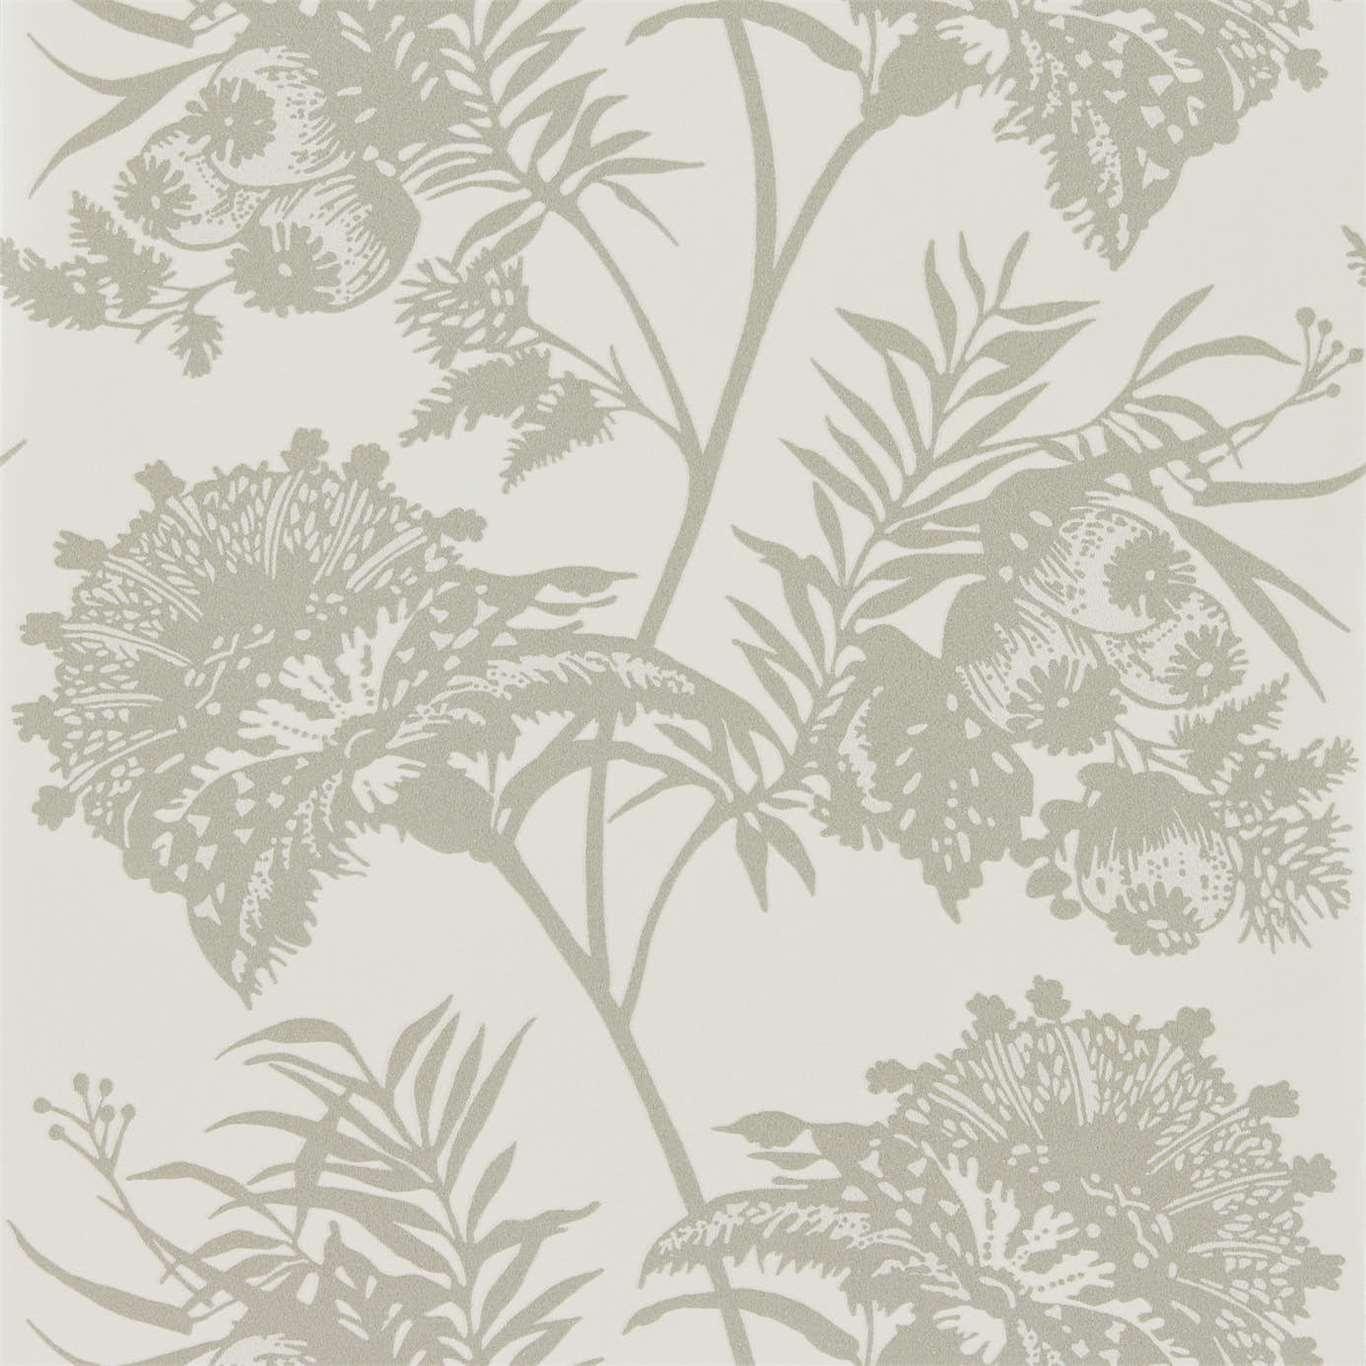 Image of Harlequin Bavero Shimmer Linen Wallpaper 111780